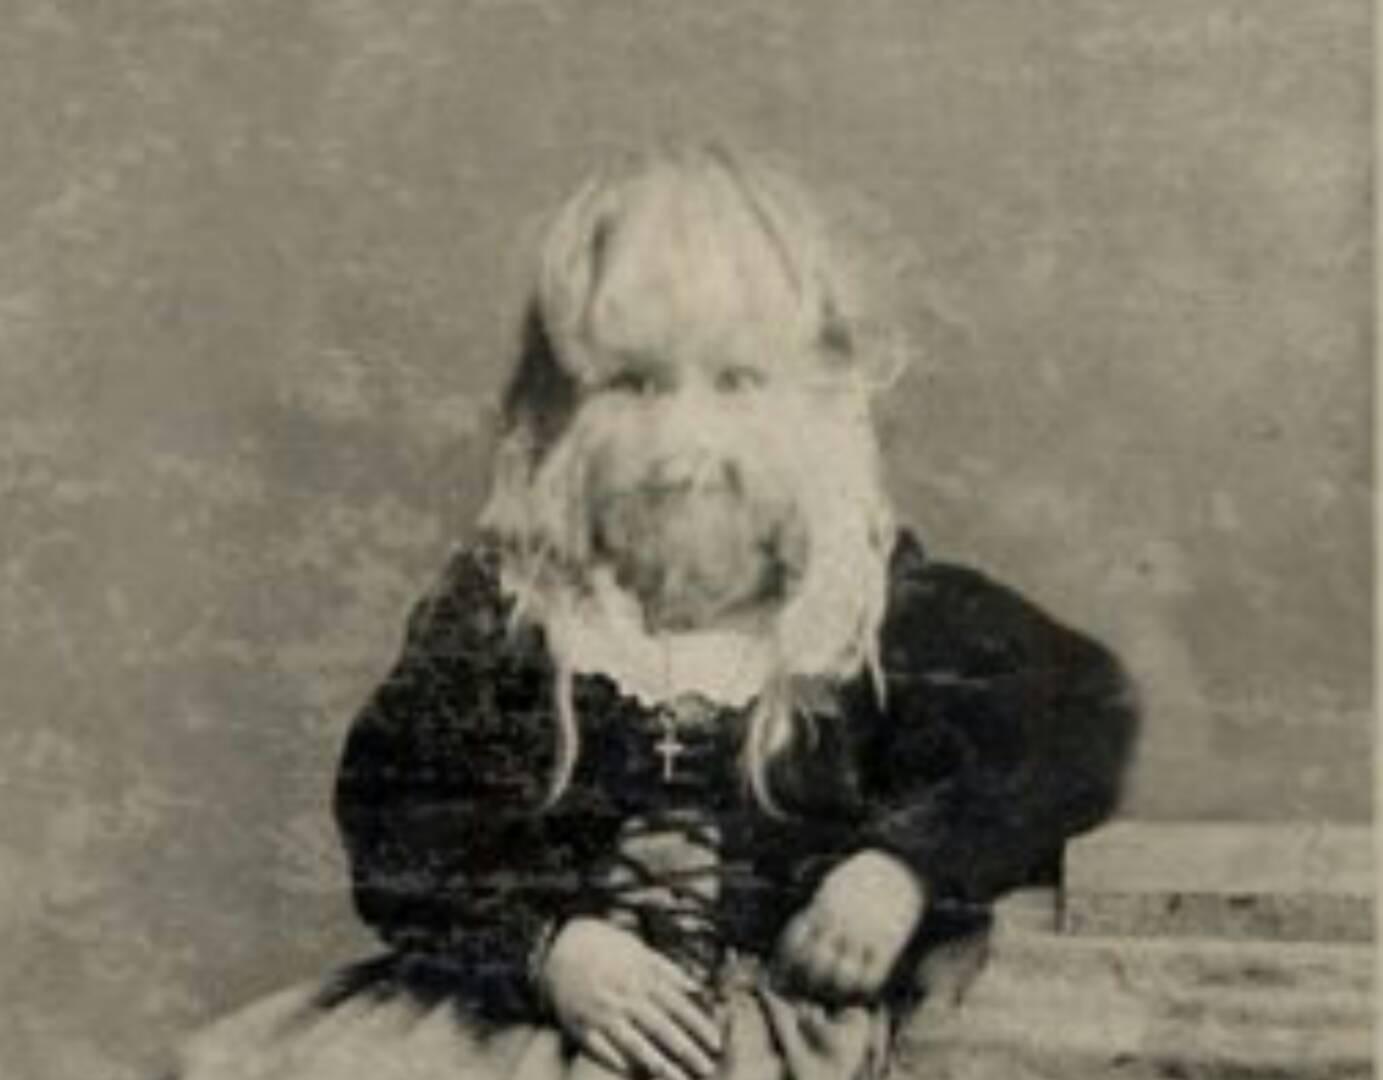 5歳になった娘の顔を両親は識別できなかった。それから娘にしたことが、非道極まりなかった。